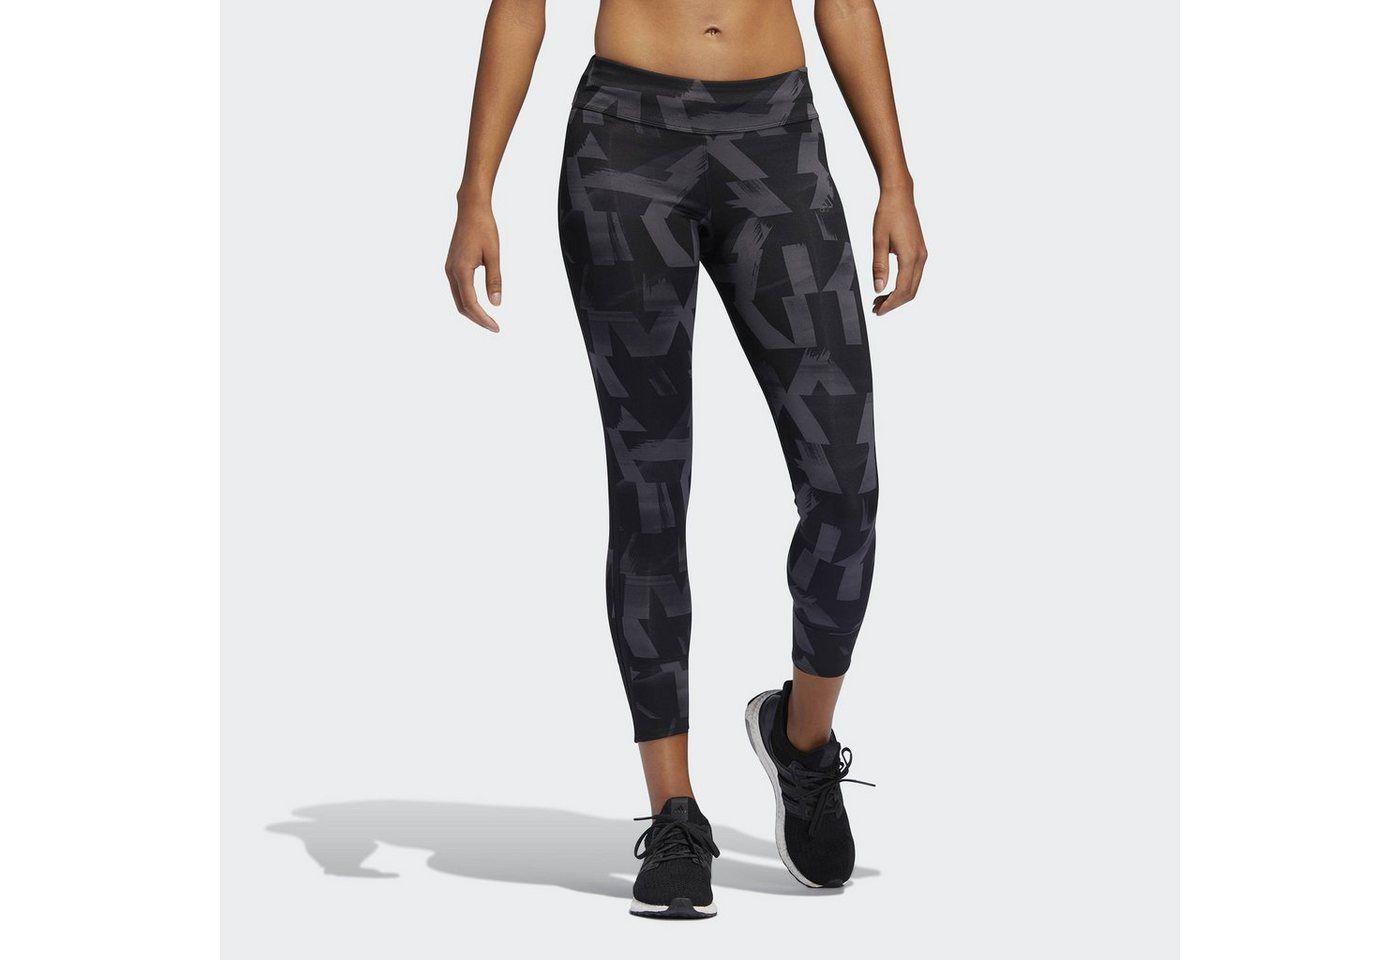 OTTO #ADIDAS #Bekleidung #Hosen #Leggings #Sale ...